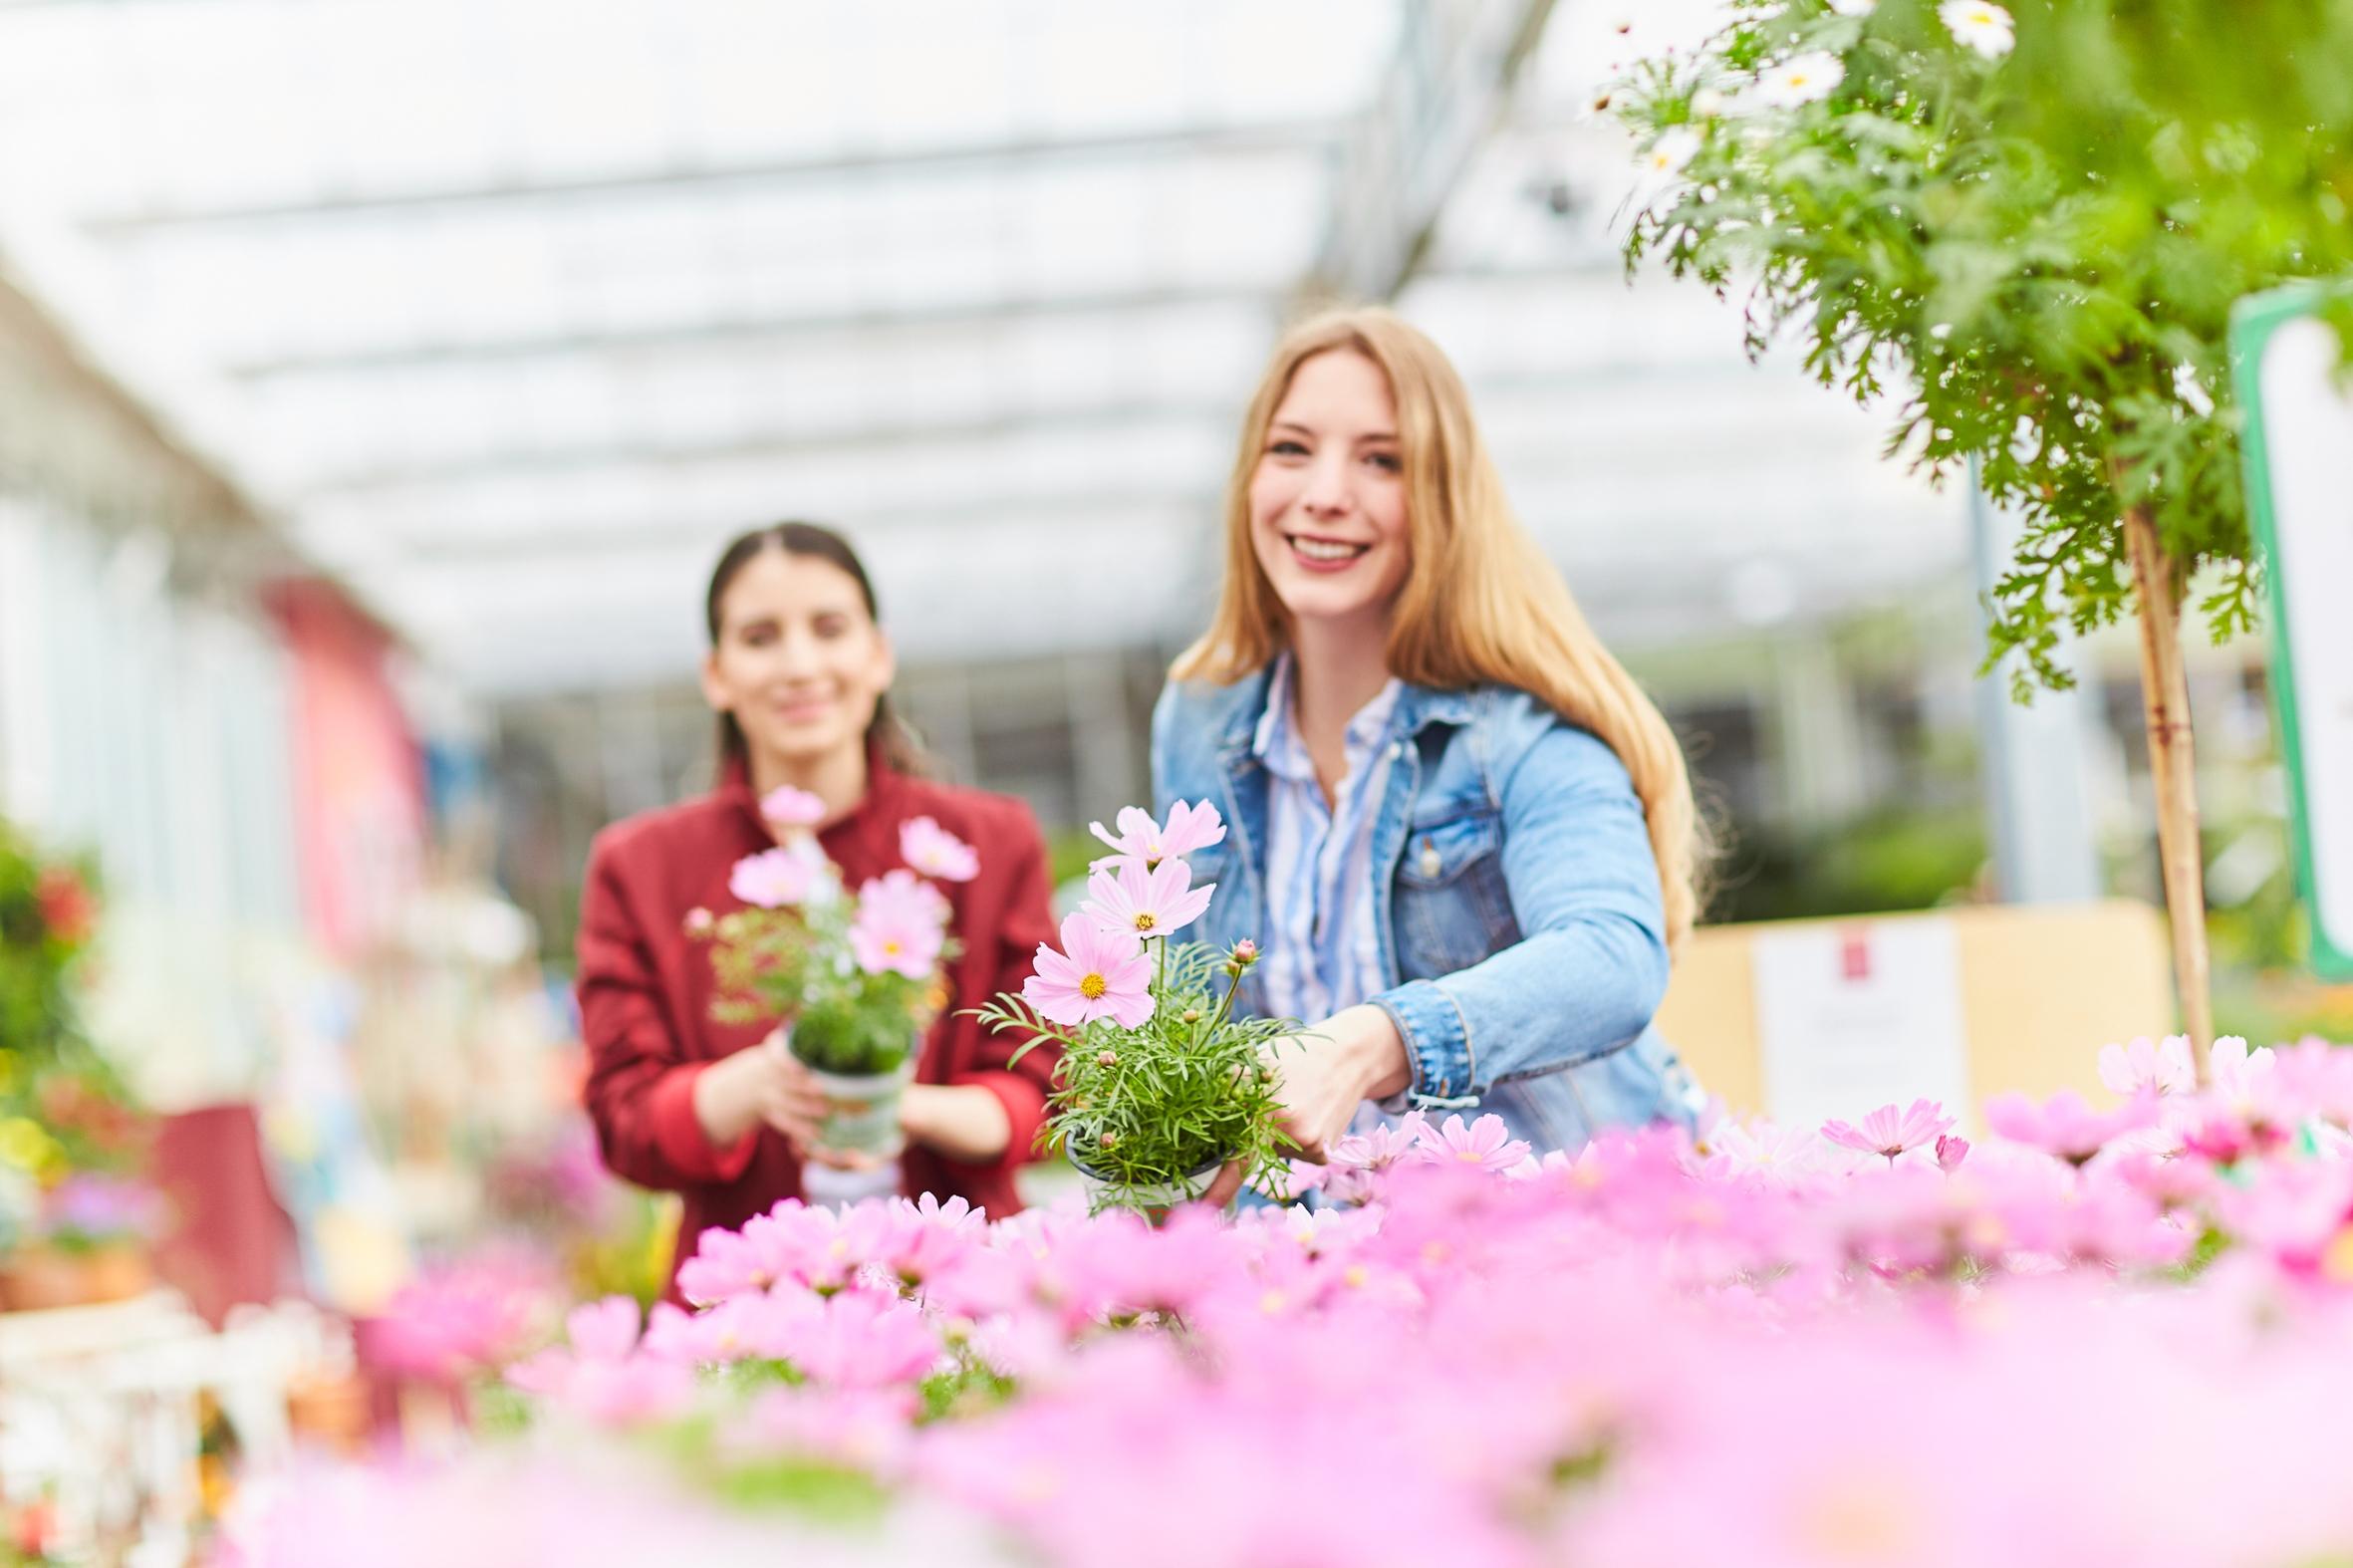 Insektenschmaus vom Feinsten: Premium-Gärtnereien bieten höchste Qualität und kompetente Beratung